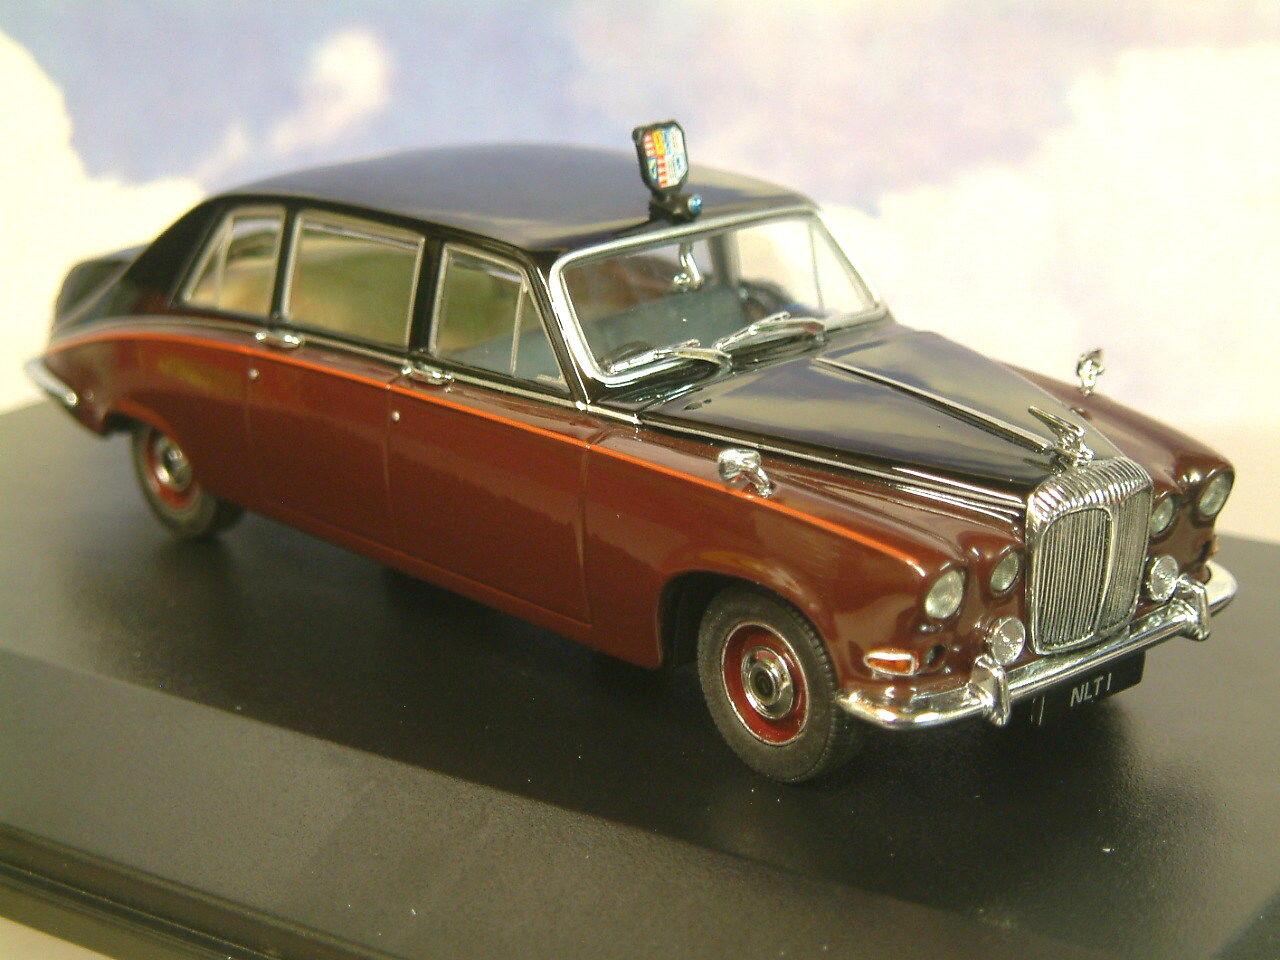 Oxford Diecast 1 43 H. M. Reine Mère Daimler Ds420 Limousine Noir Claret